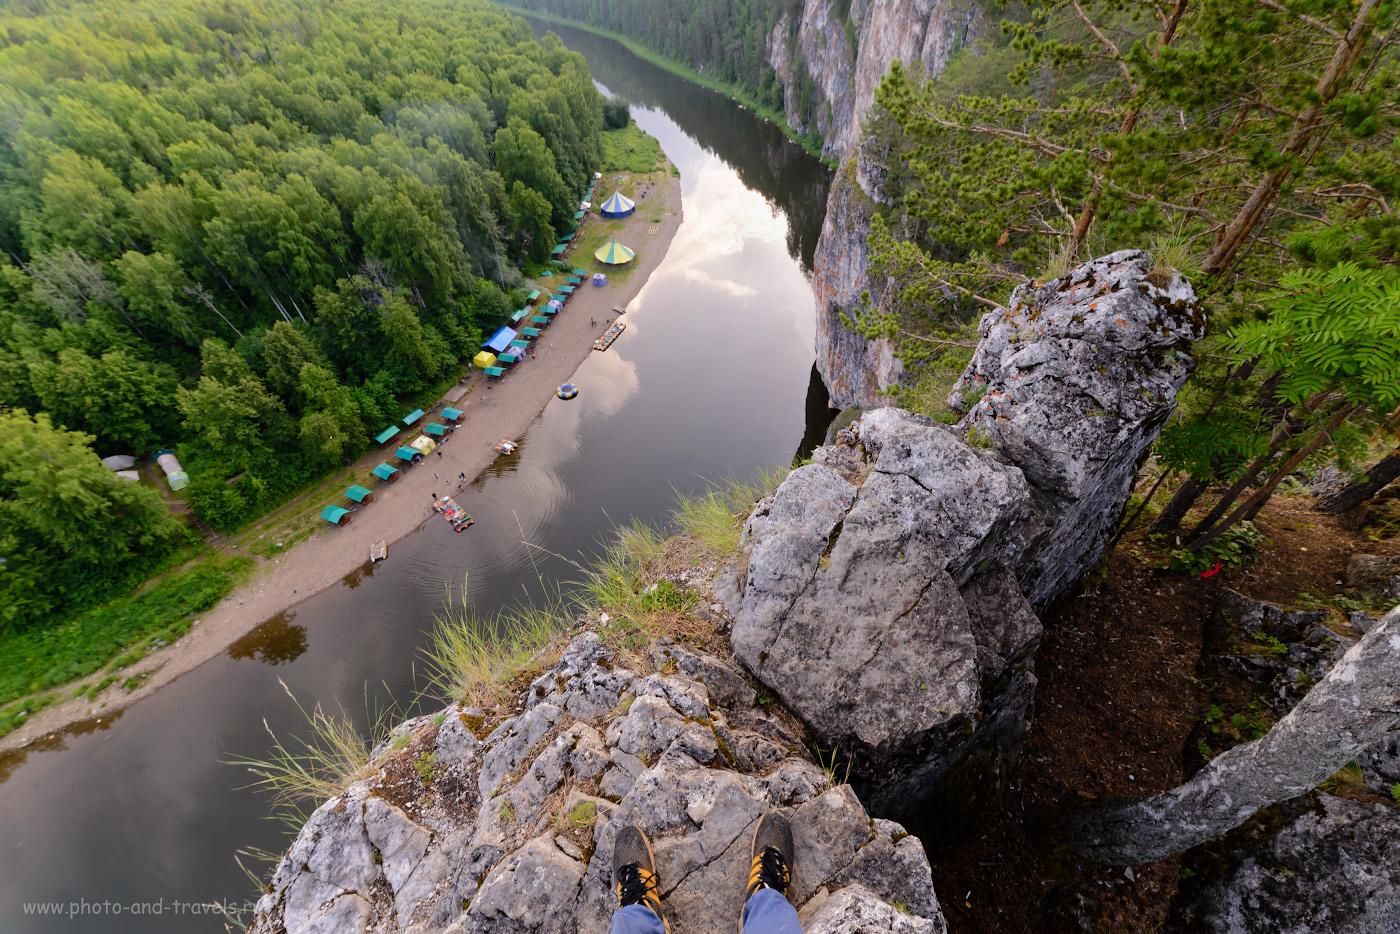 14. Вид направо со смотровой площадки камня Омутной вниз по течению Чусовой. 1/30, 9.0, 500, -0.33, 14.